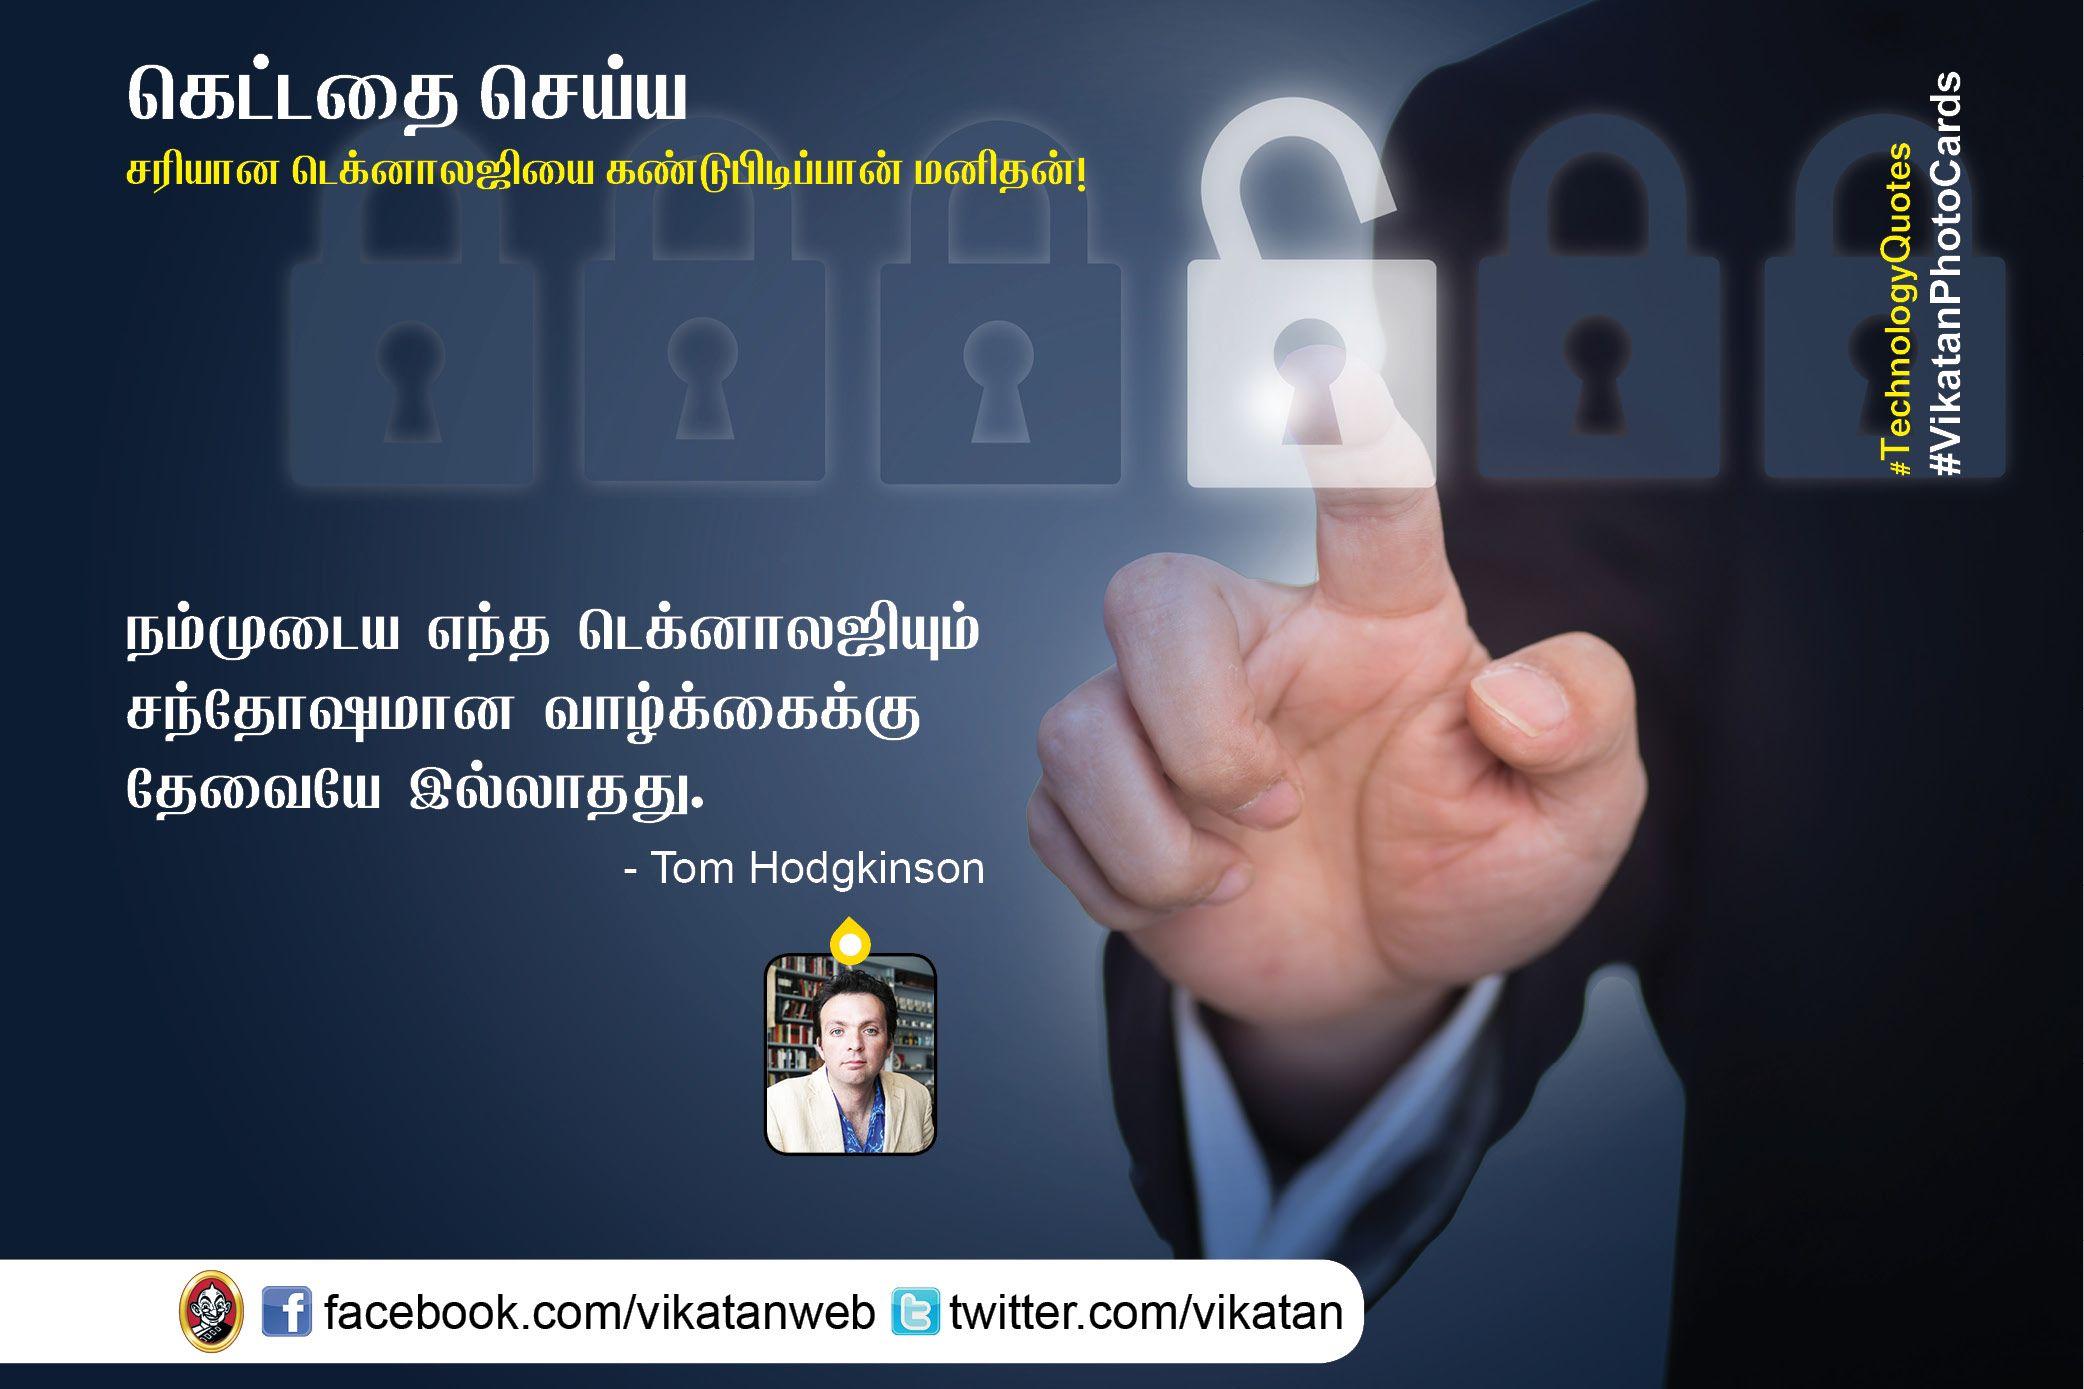 கெட்டதை செய்ய சரியான டெக்னாலஜியை கண்டுபிடிப்பான் மனிதன்! #TechnologyQuotes #VikatanPhotoCards